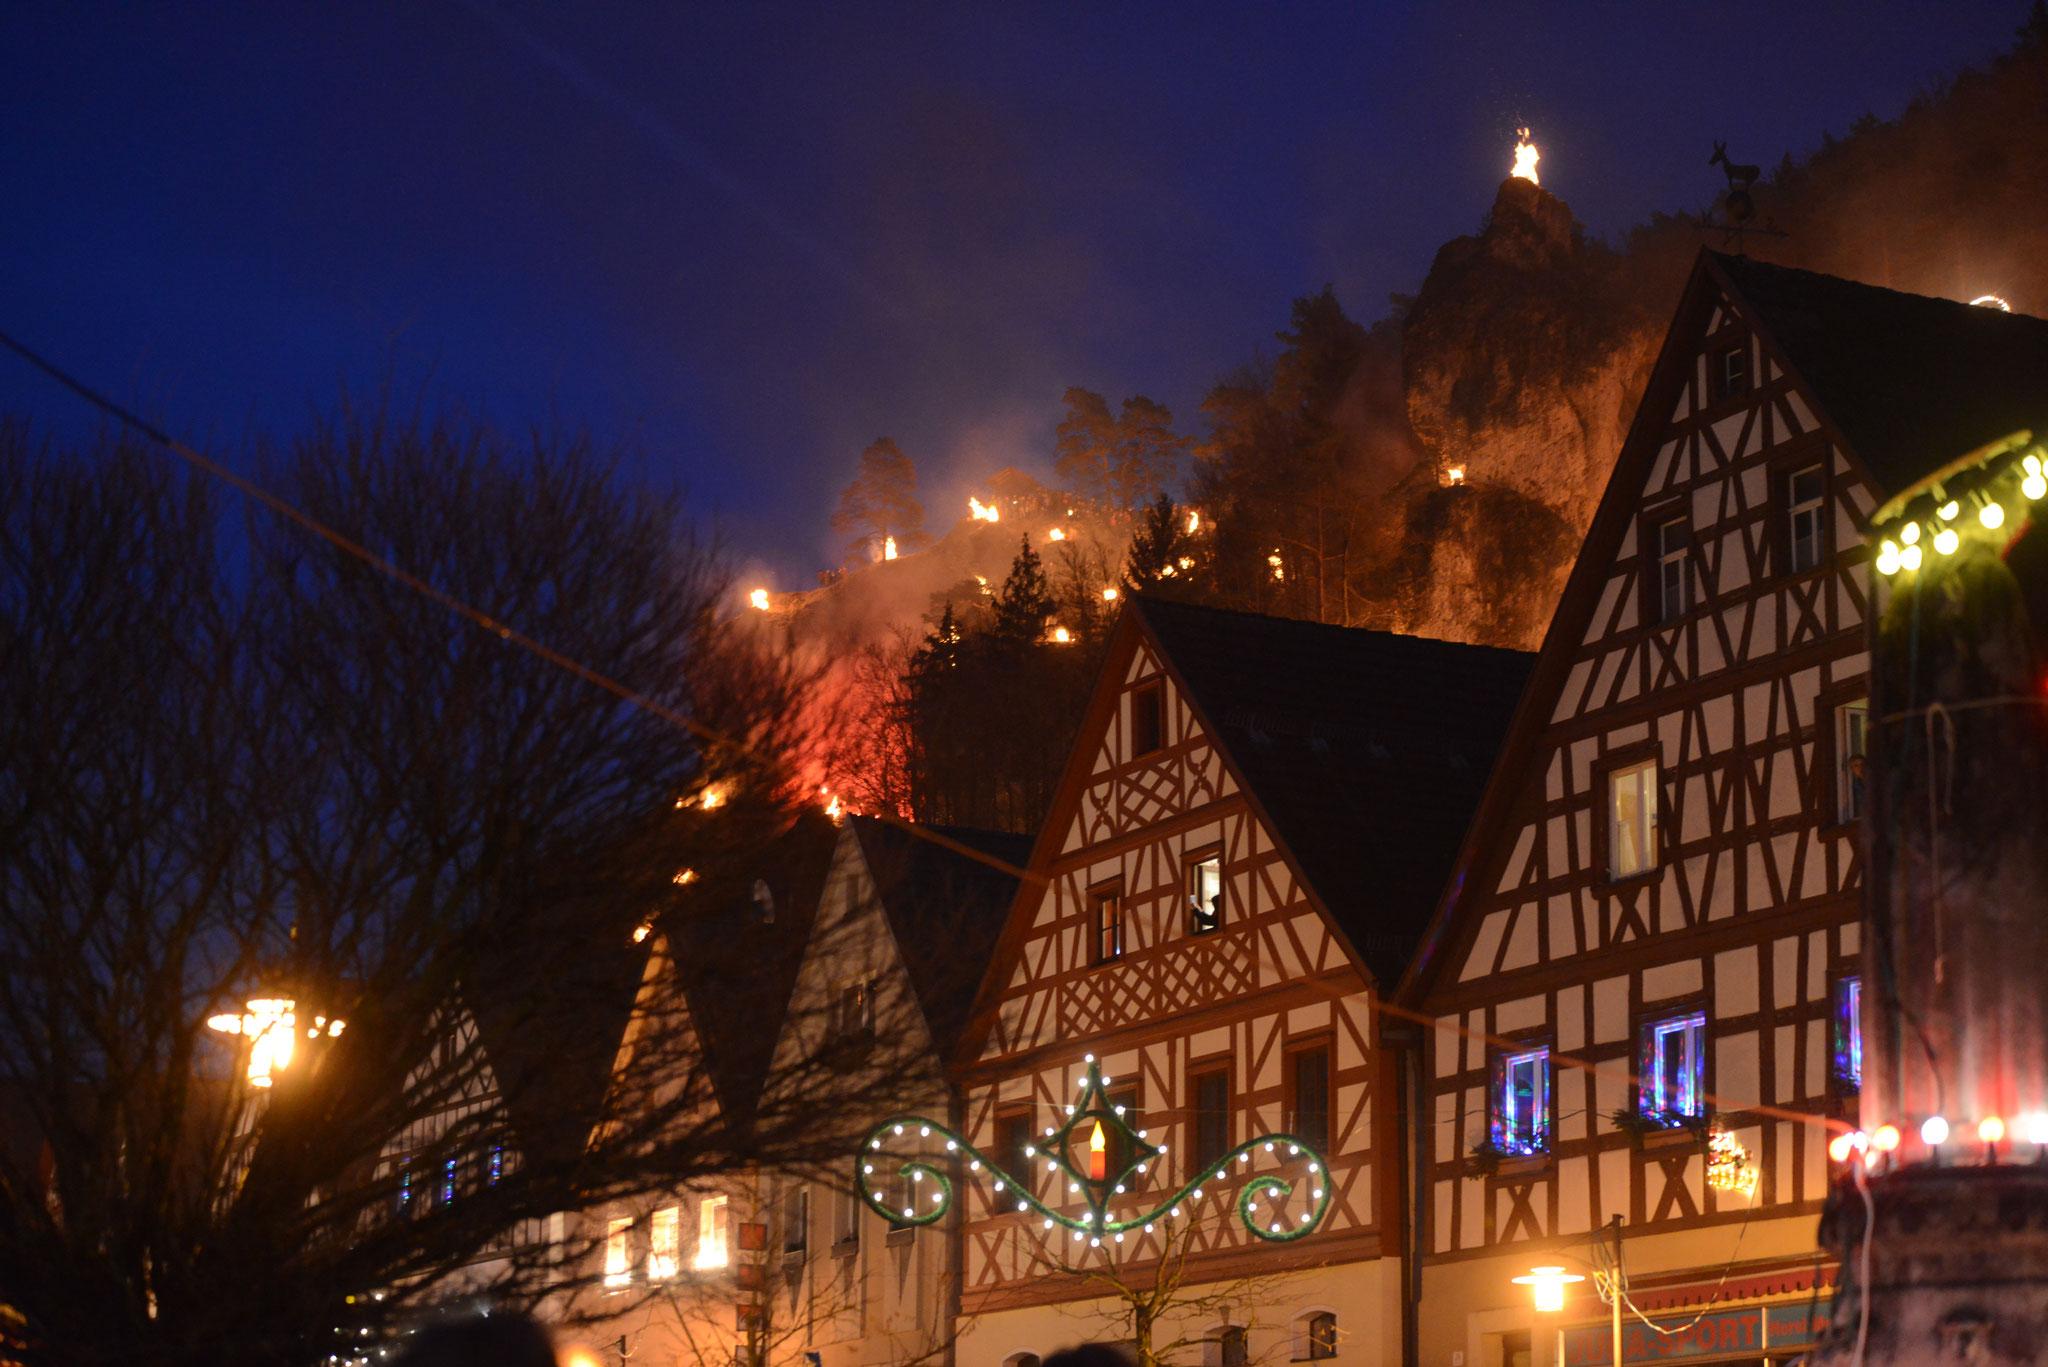 Burghang im Lichterglanz